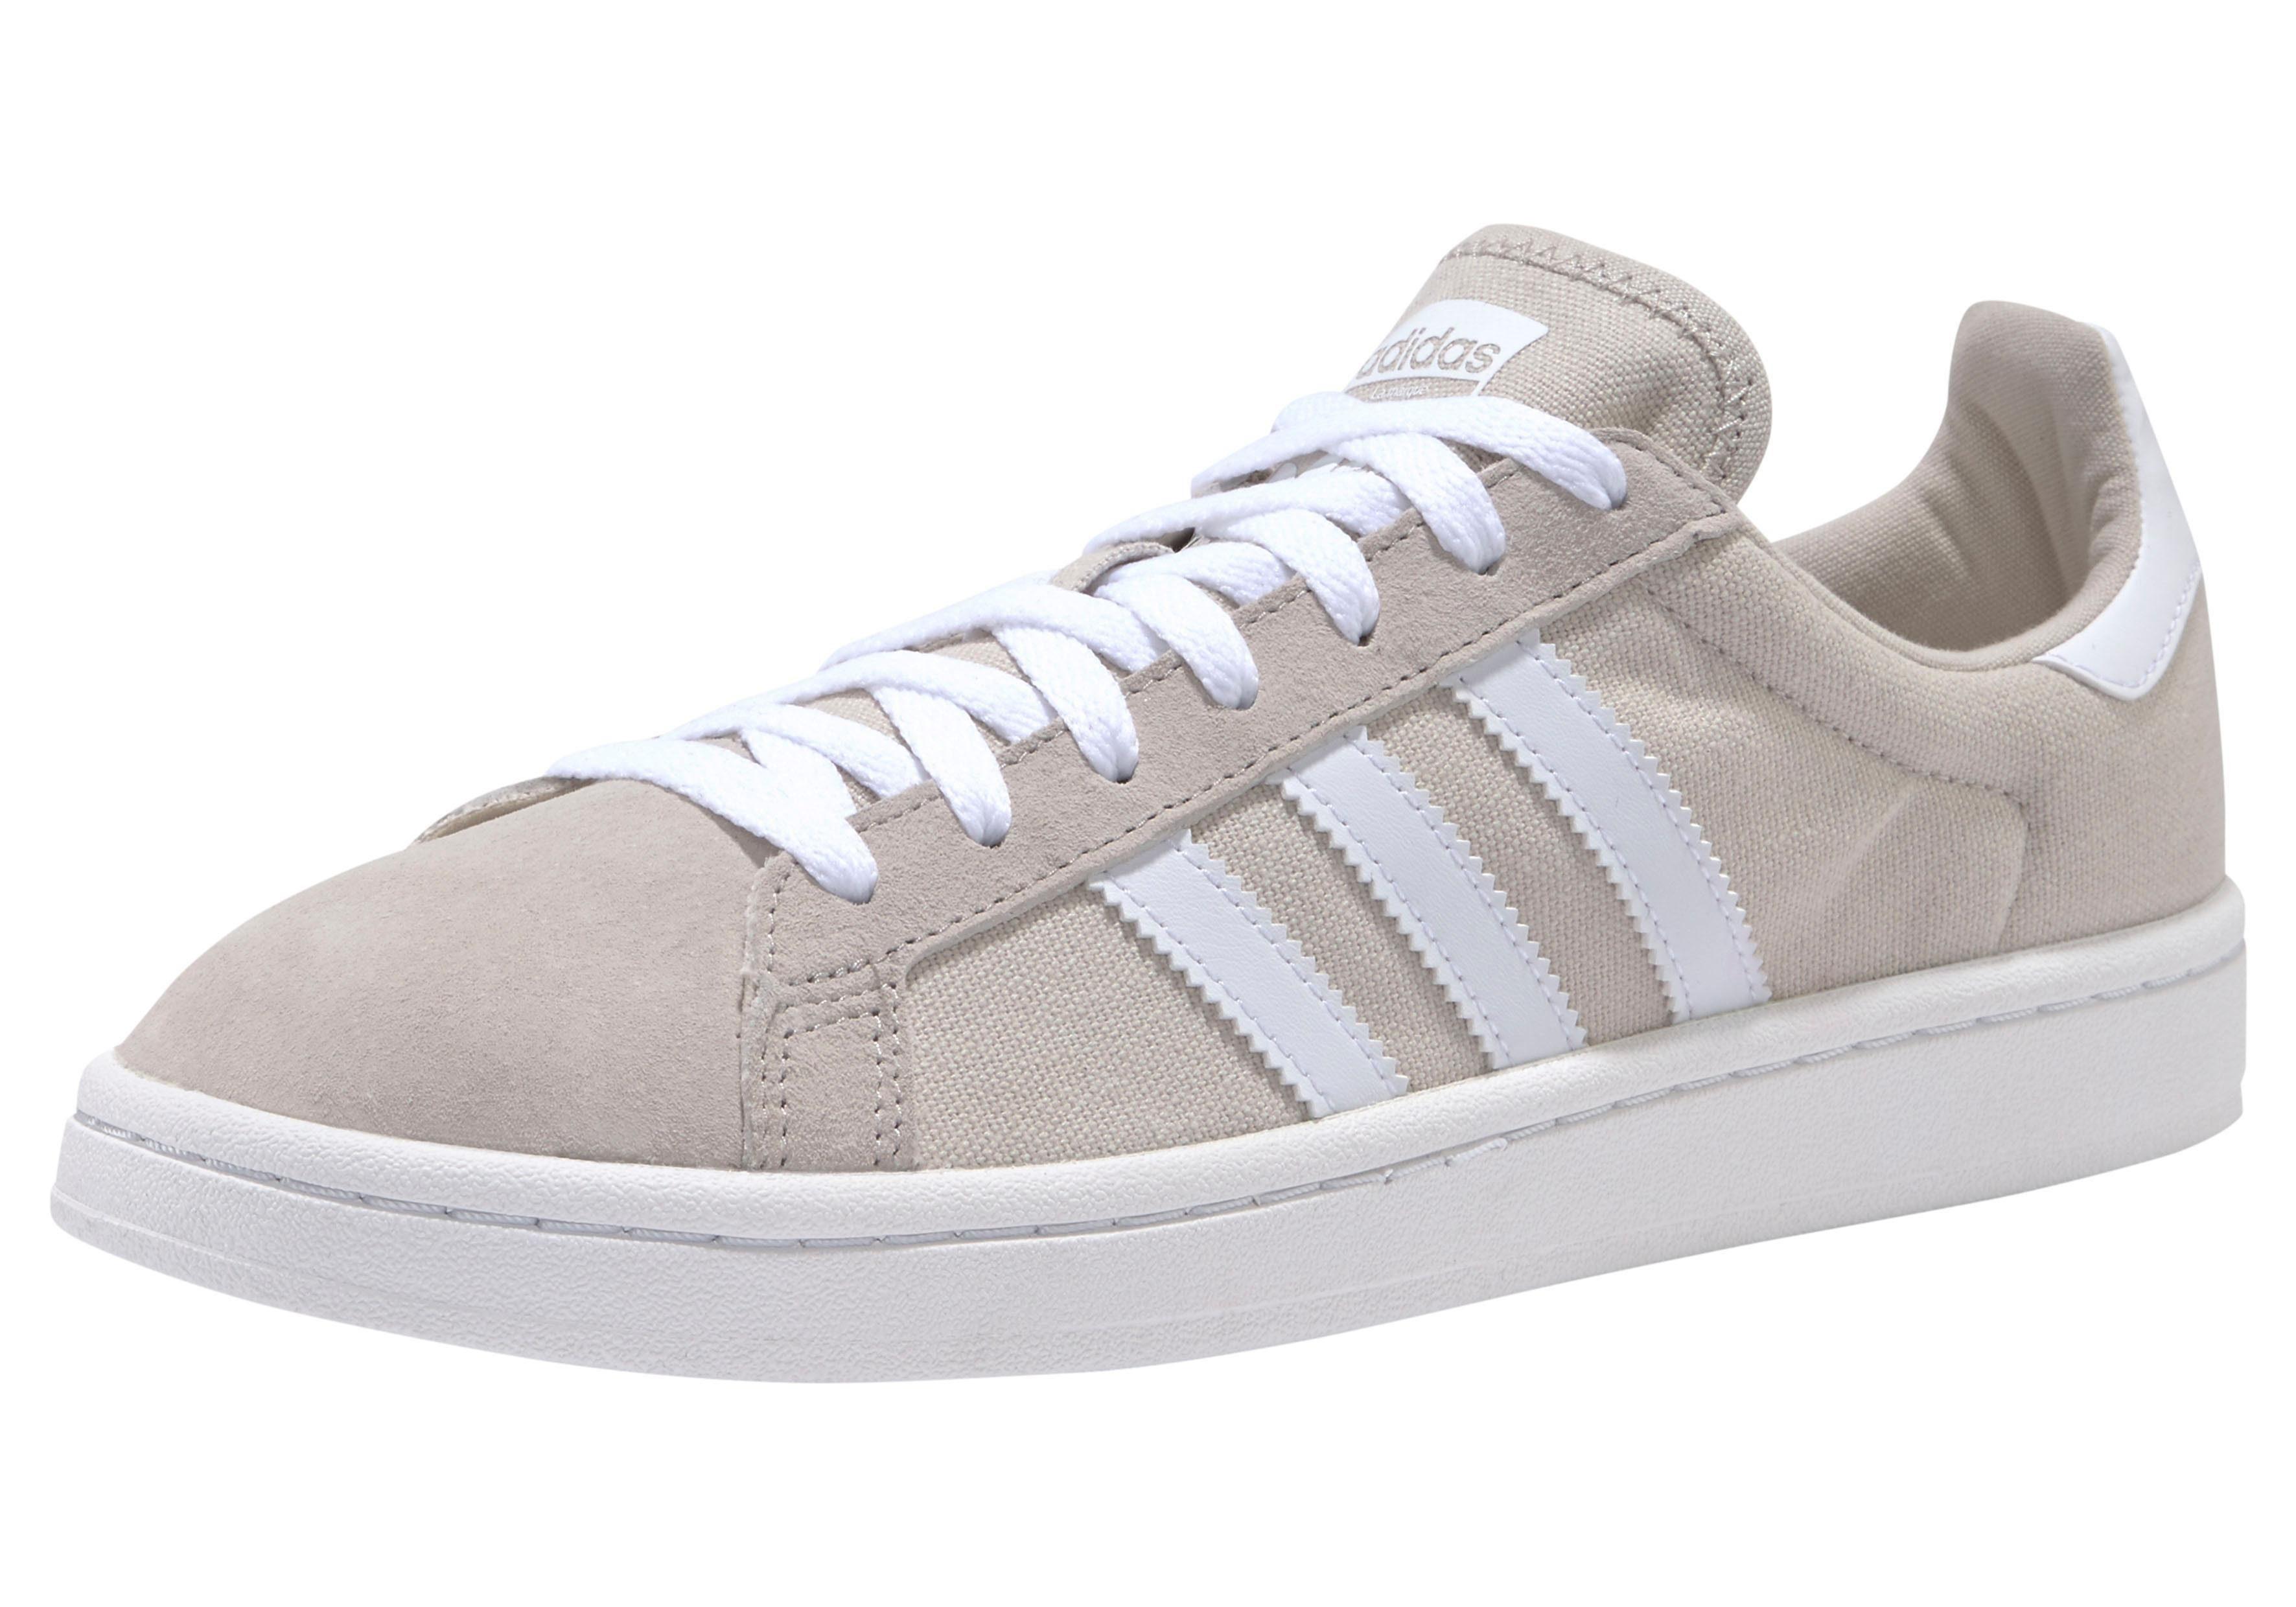 adidas Originals »CAMPUS« Sneaker, Klassischer Sneaker von adidas online kaufen | OTTO